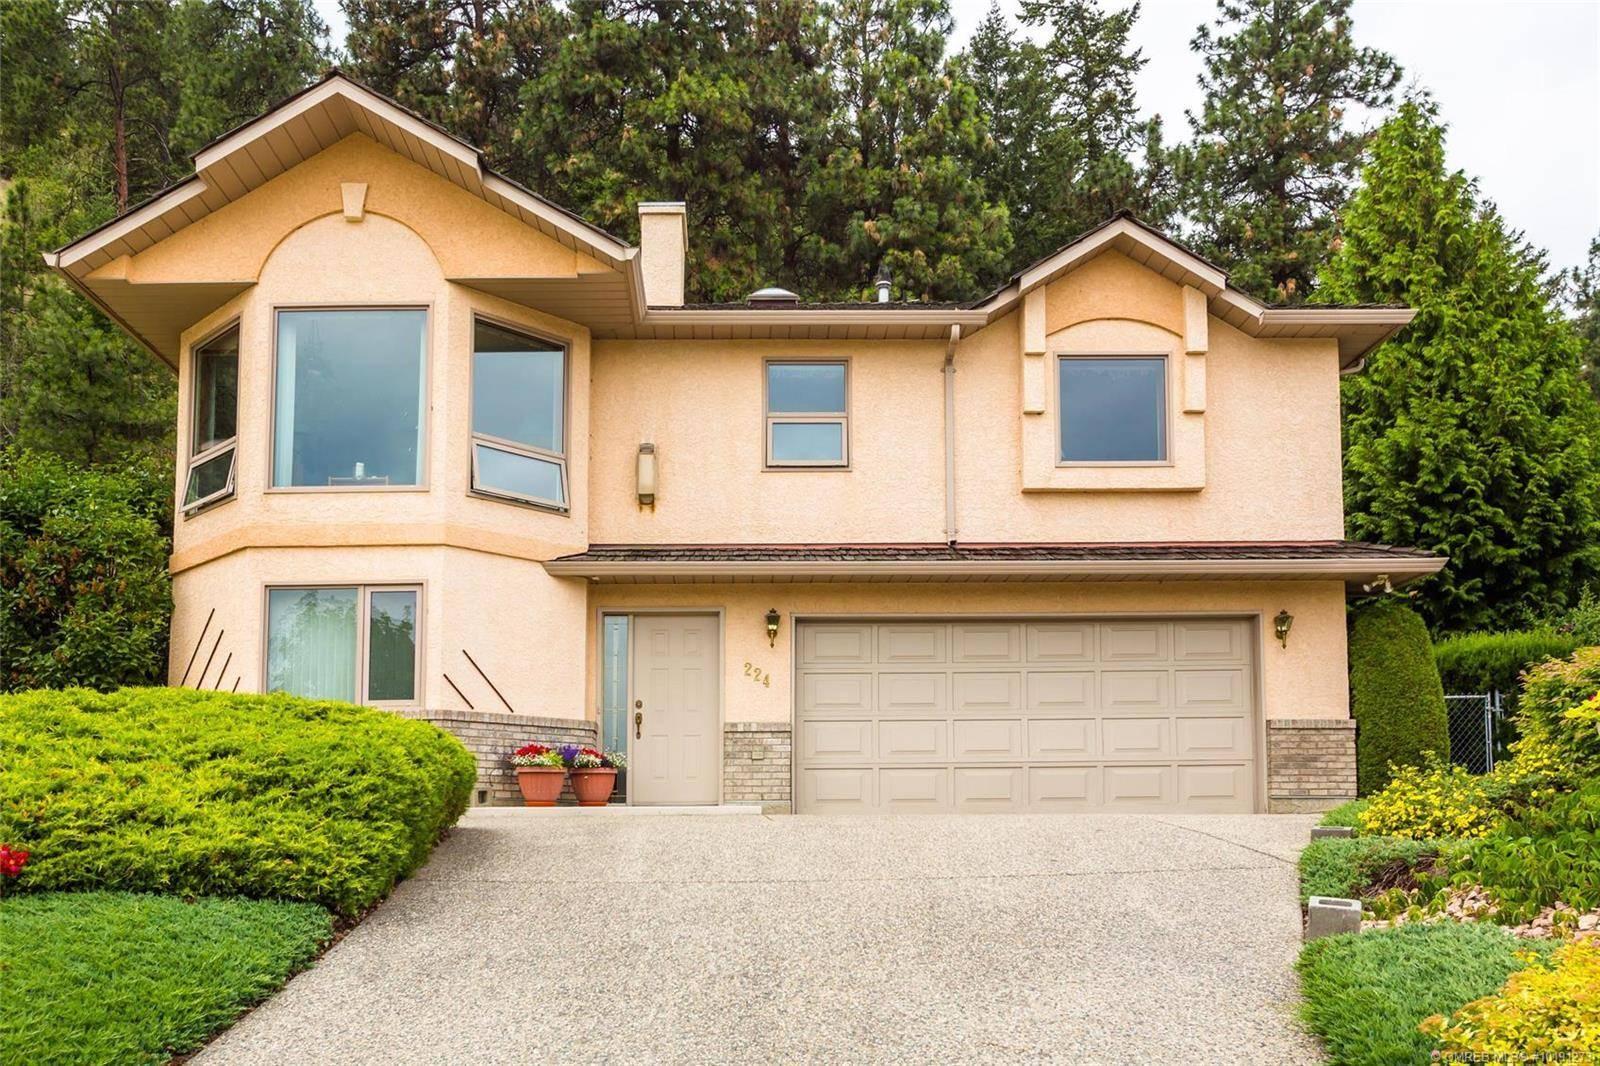 House for sale at 224 Crossridge Cres Kelowna Bc British Columbia - MLS: 10191273